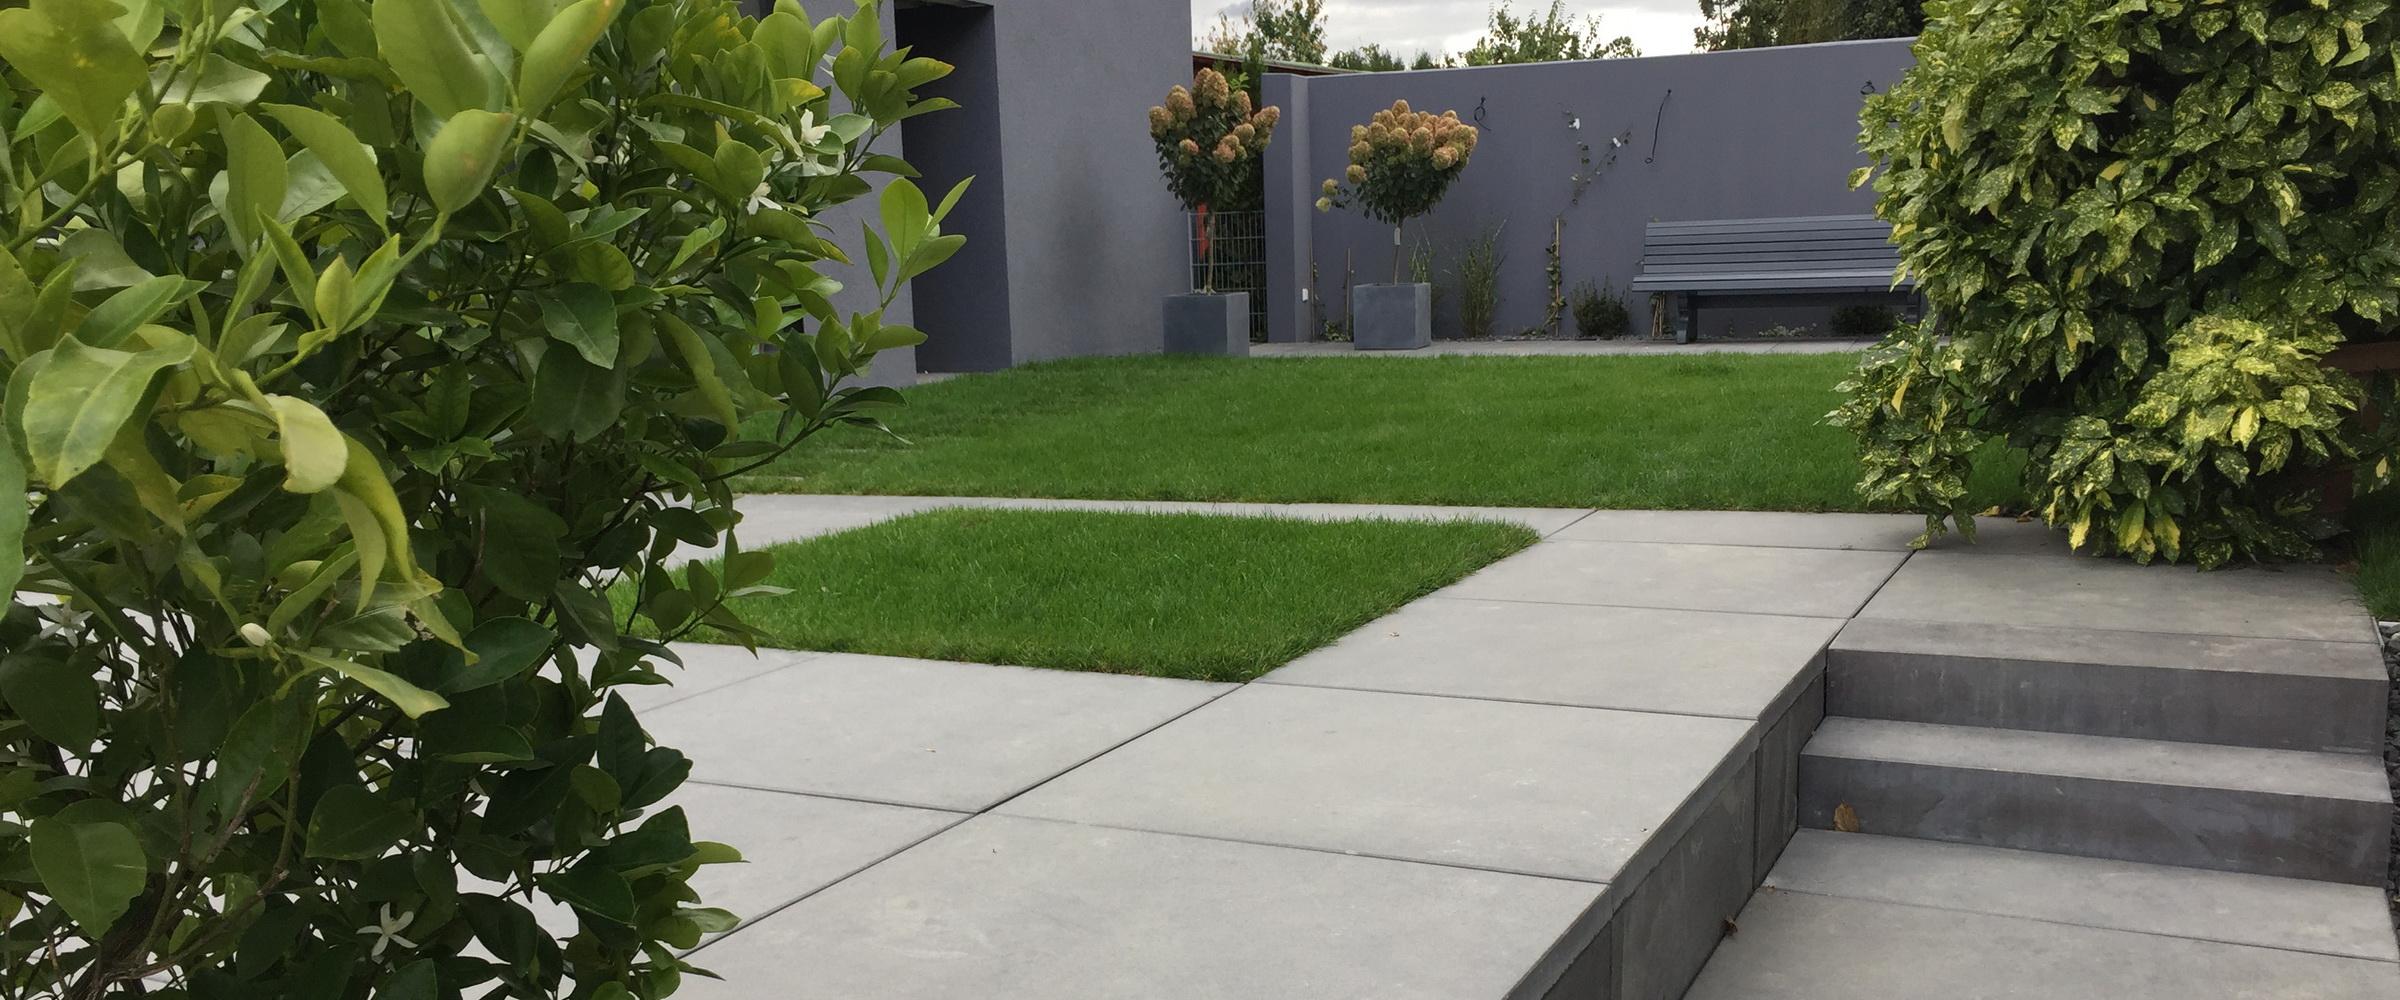 Setzen Sie durch Rasenflächen auf Ihrer Terrasse ganz besondere Akzente